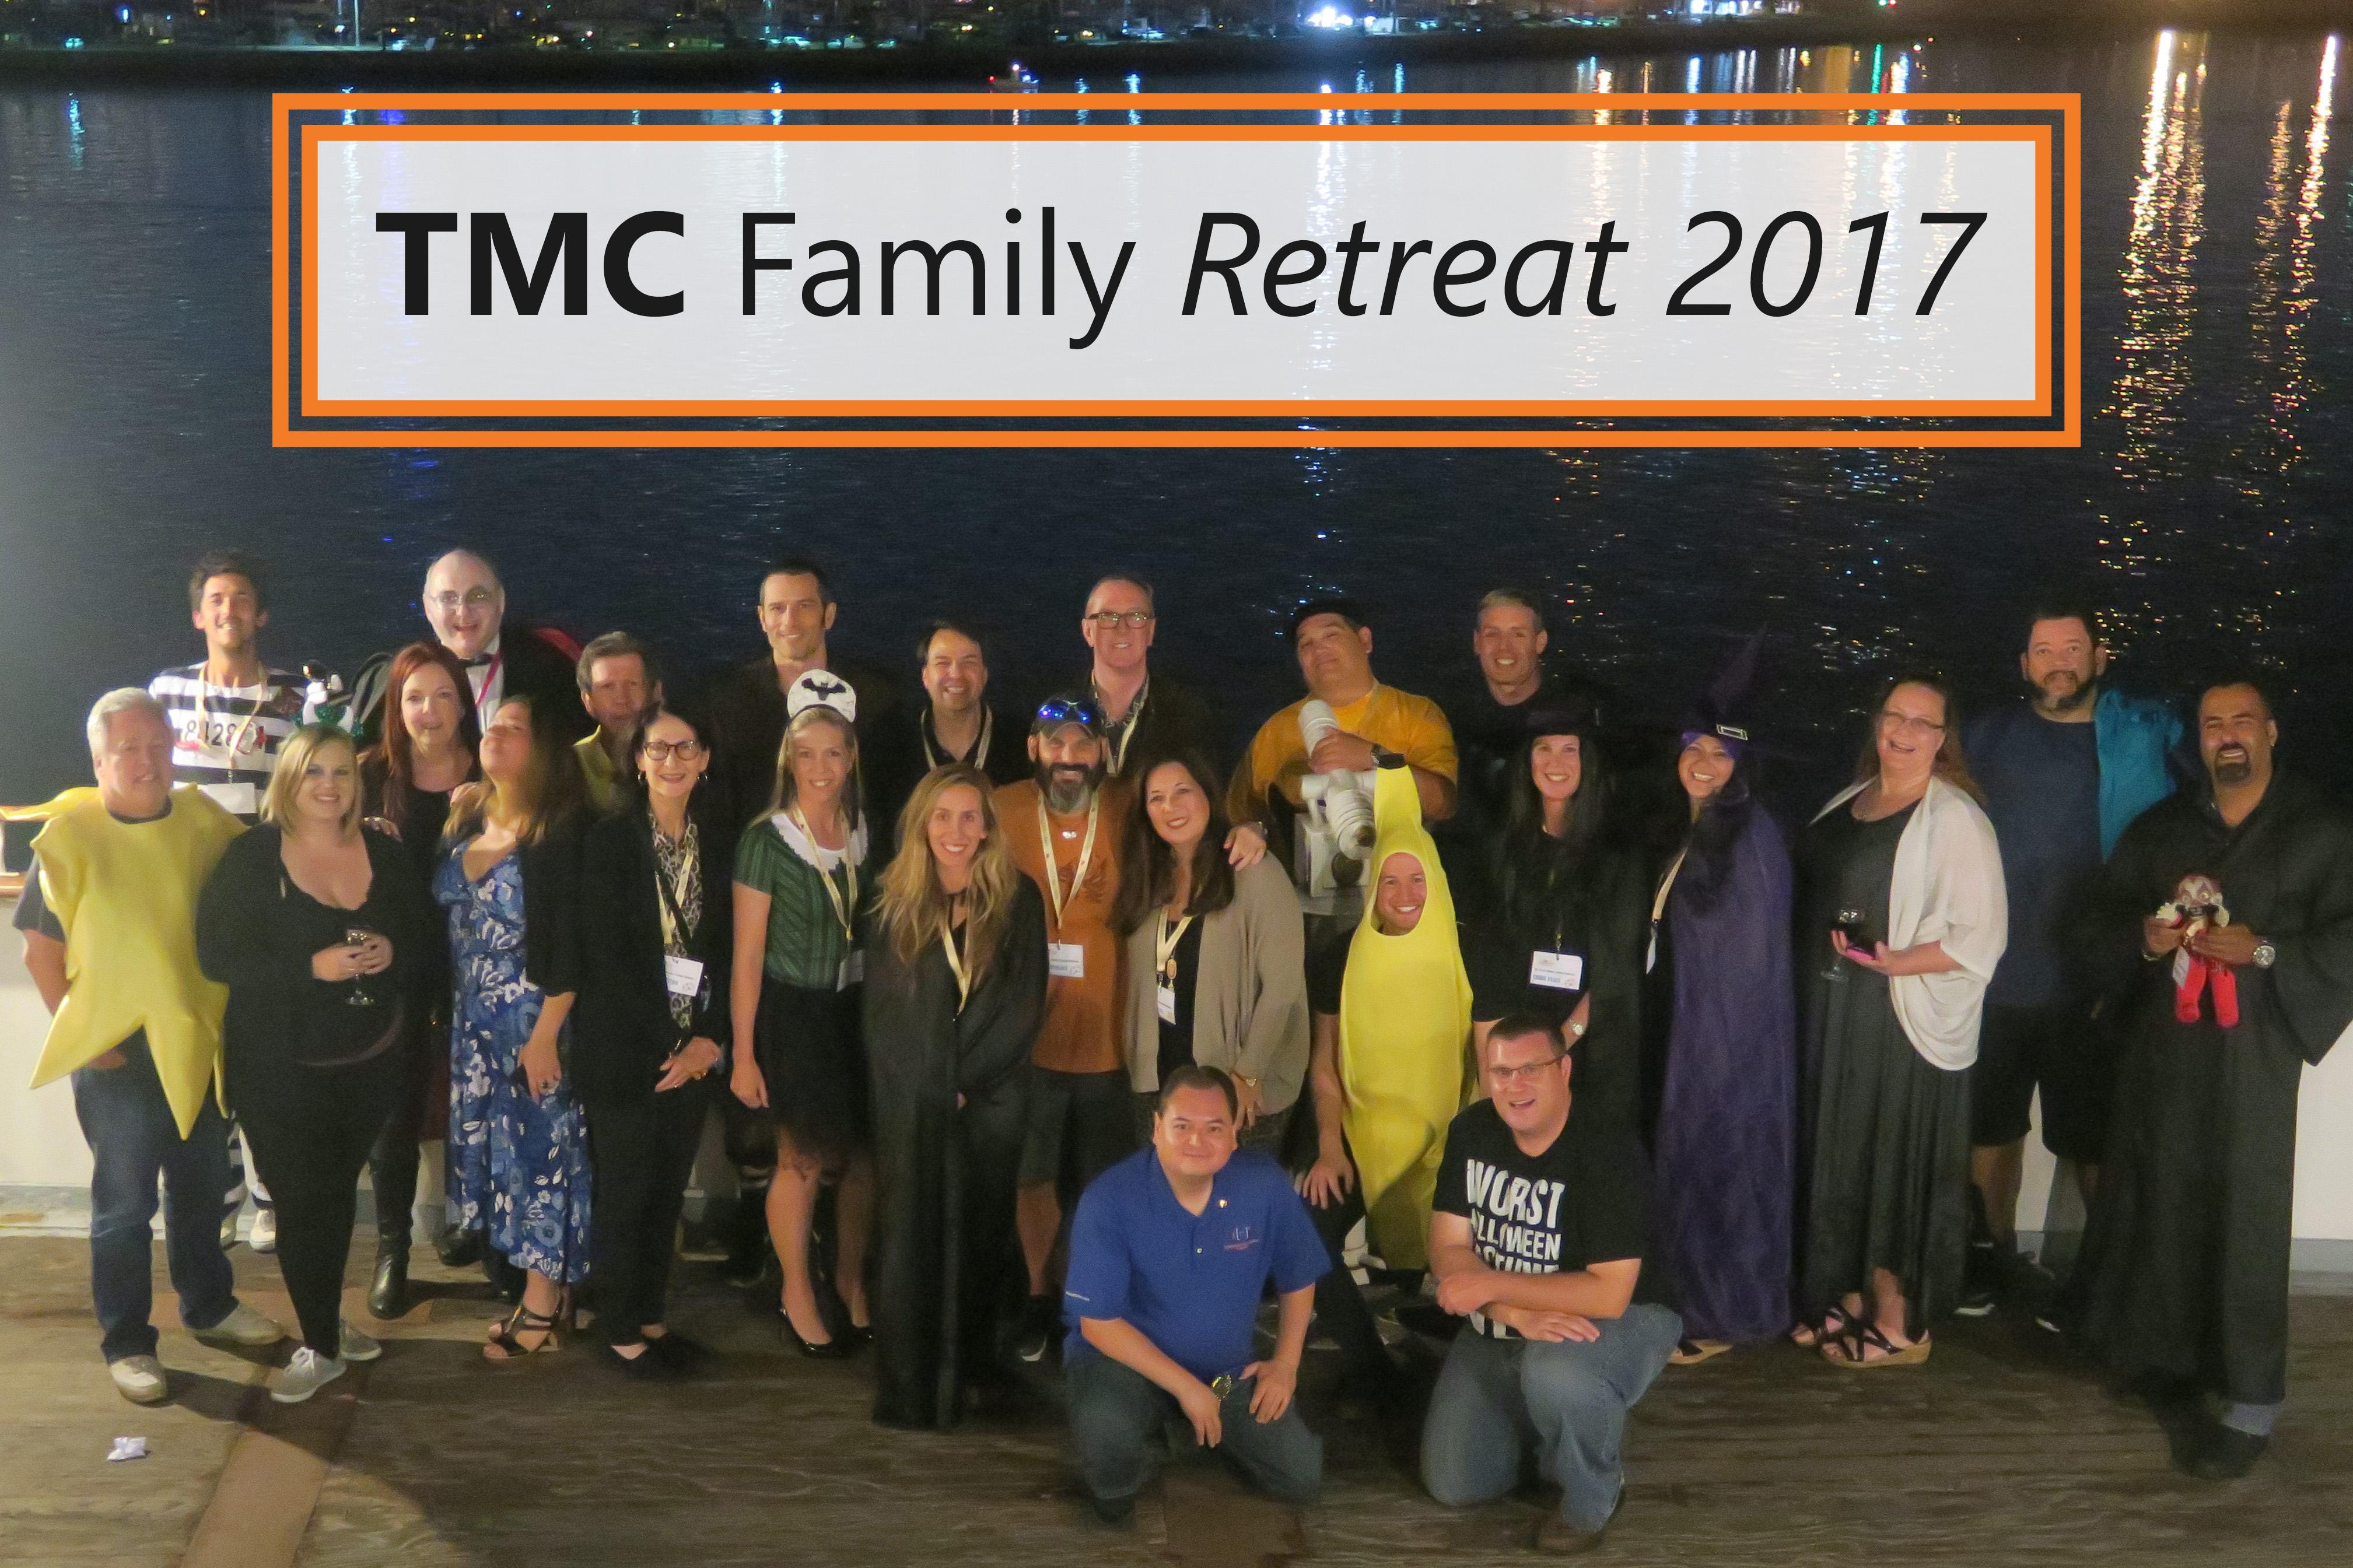 TMC Family Retreat 2017